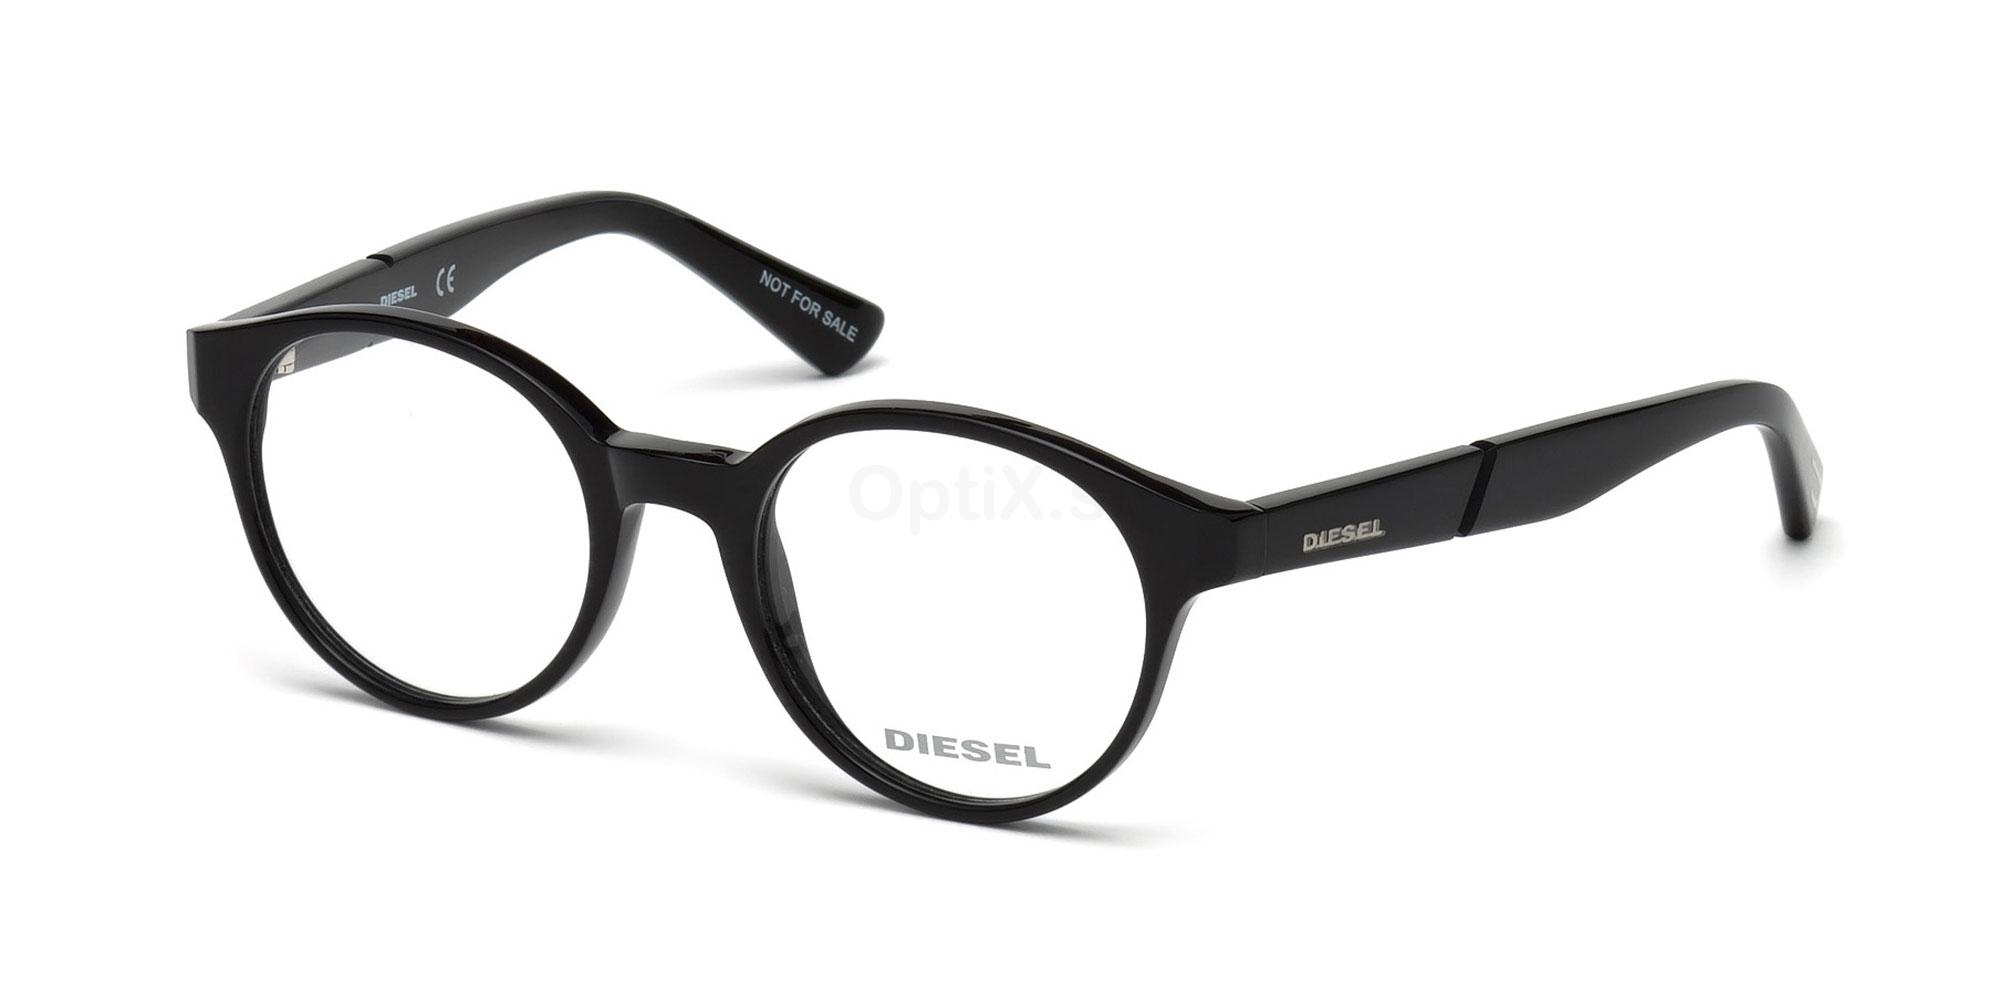 001 DL5244 Glasses, Diesel